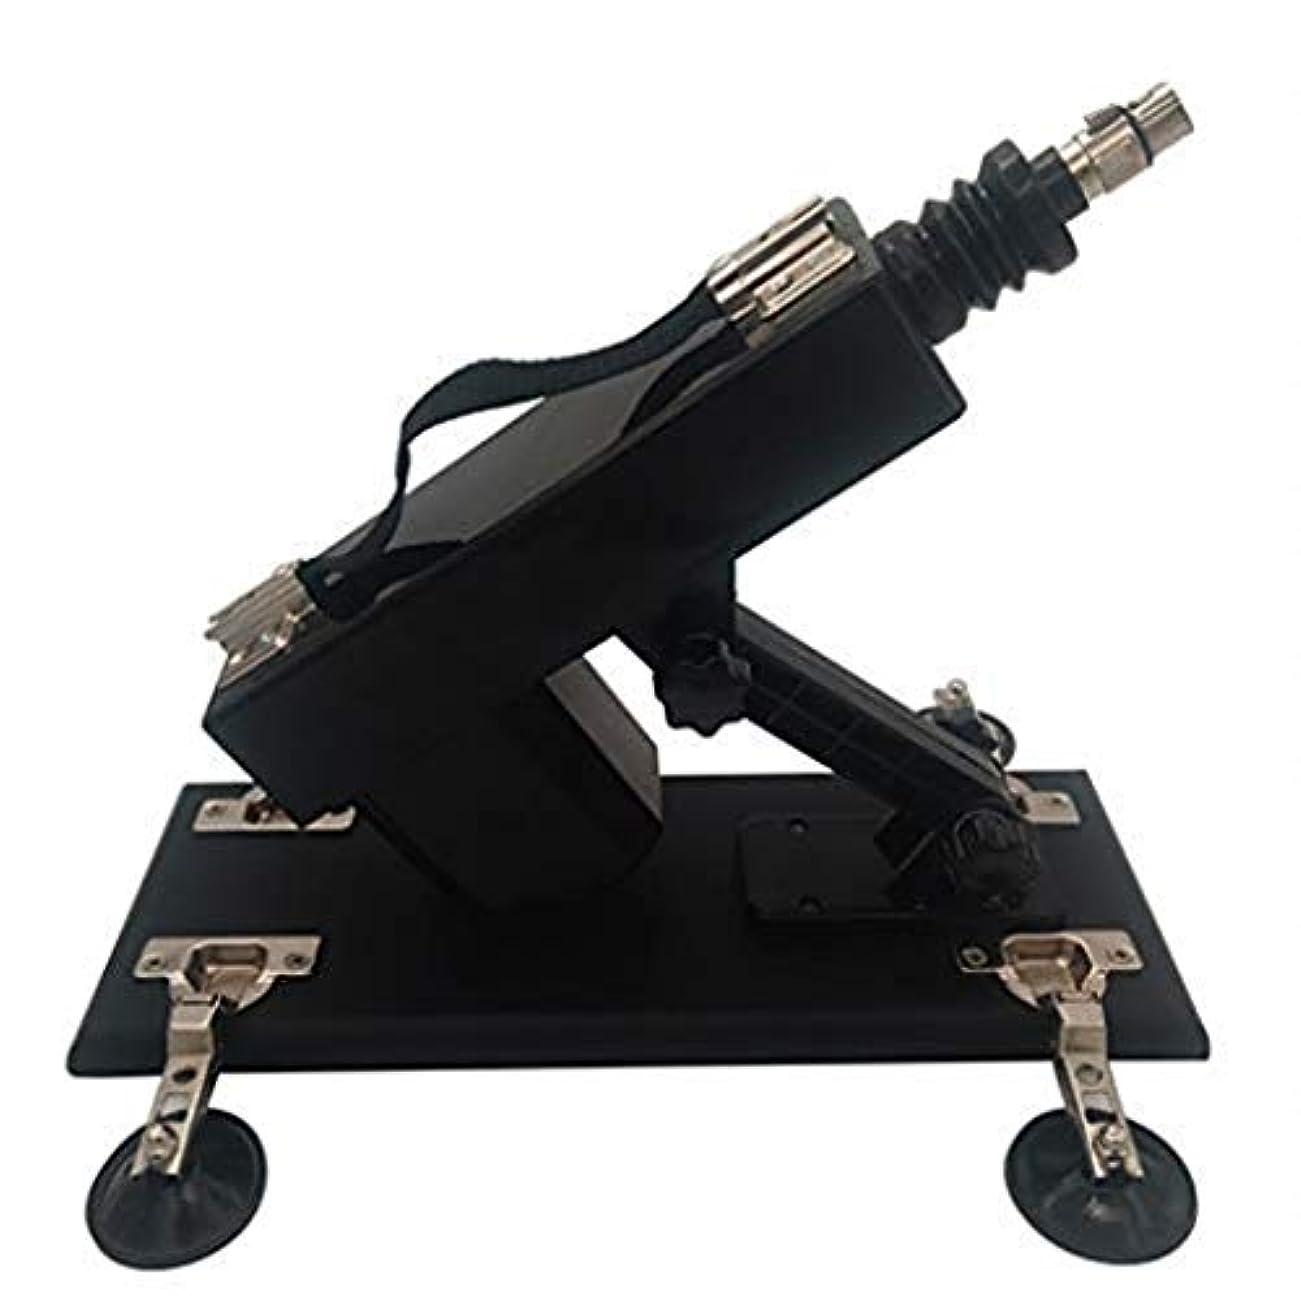 漂流監査文句を言うRisareyi Tシャツ伸縮式強力吸引カップ自動電動マッサージャーマルチスピードフルボディマッサージデバイス調節可能な大人のマシンの喜びのおもちゃ